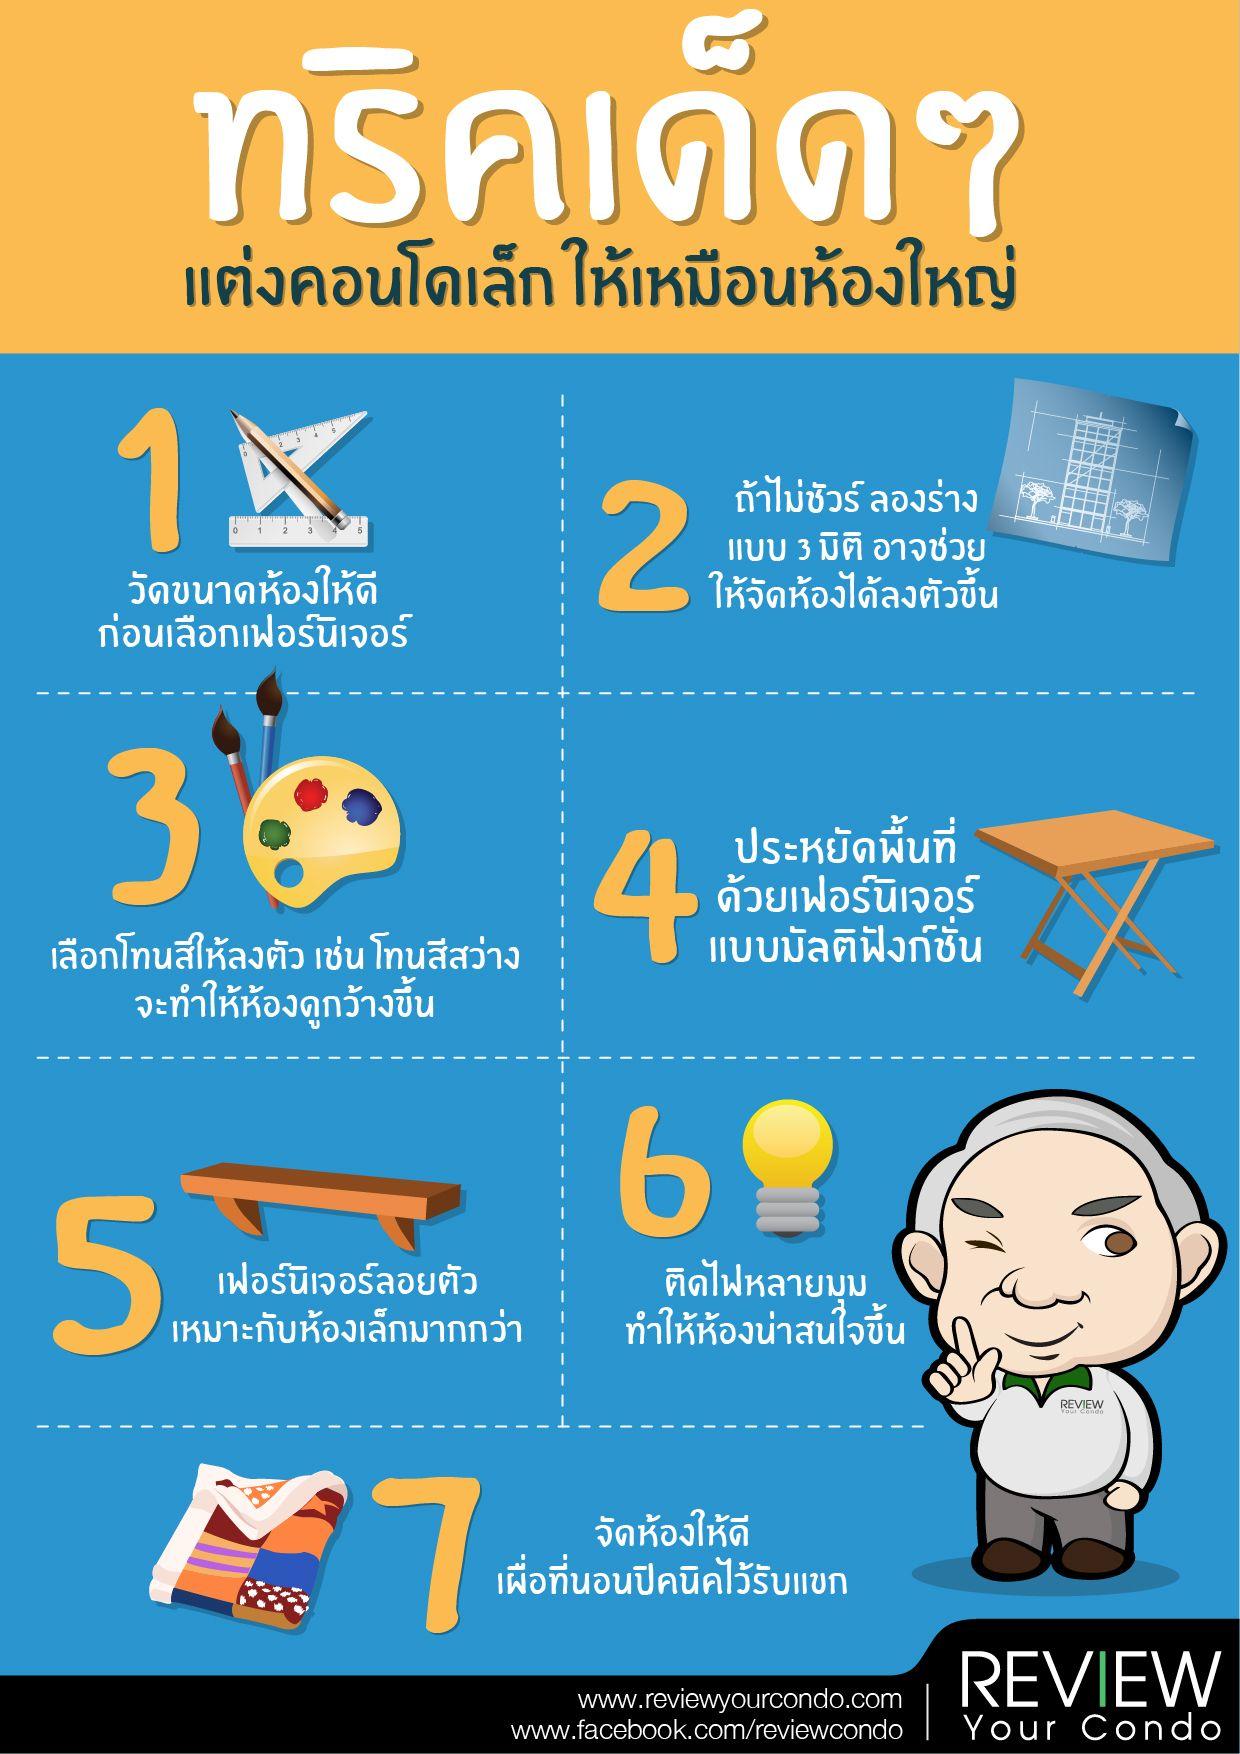 5 เหตุผลที่ต้องมีรางน้ำฝน